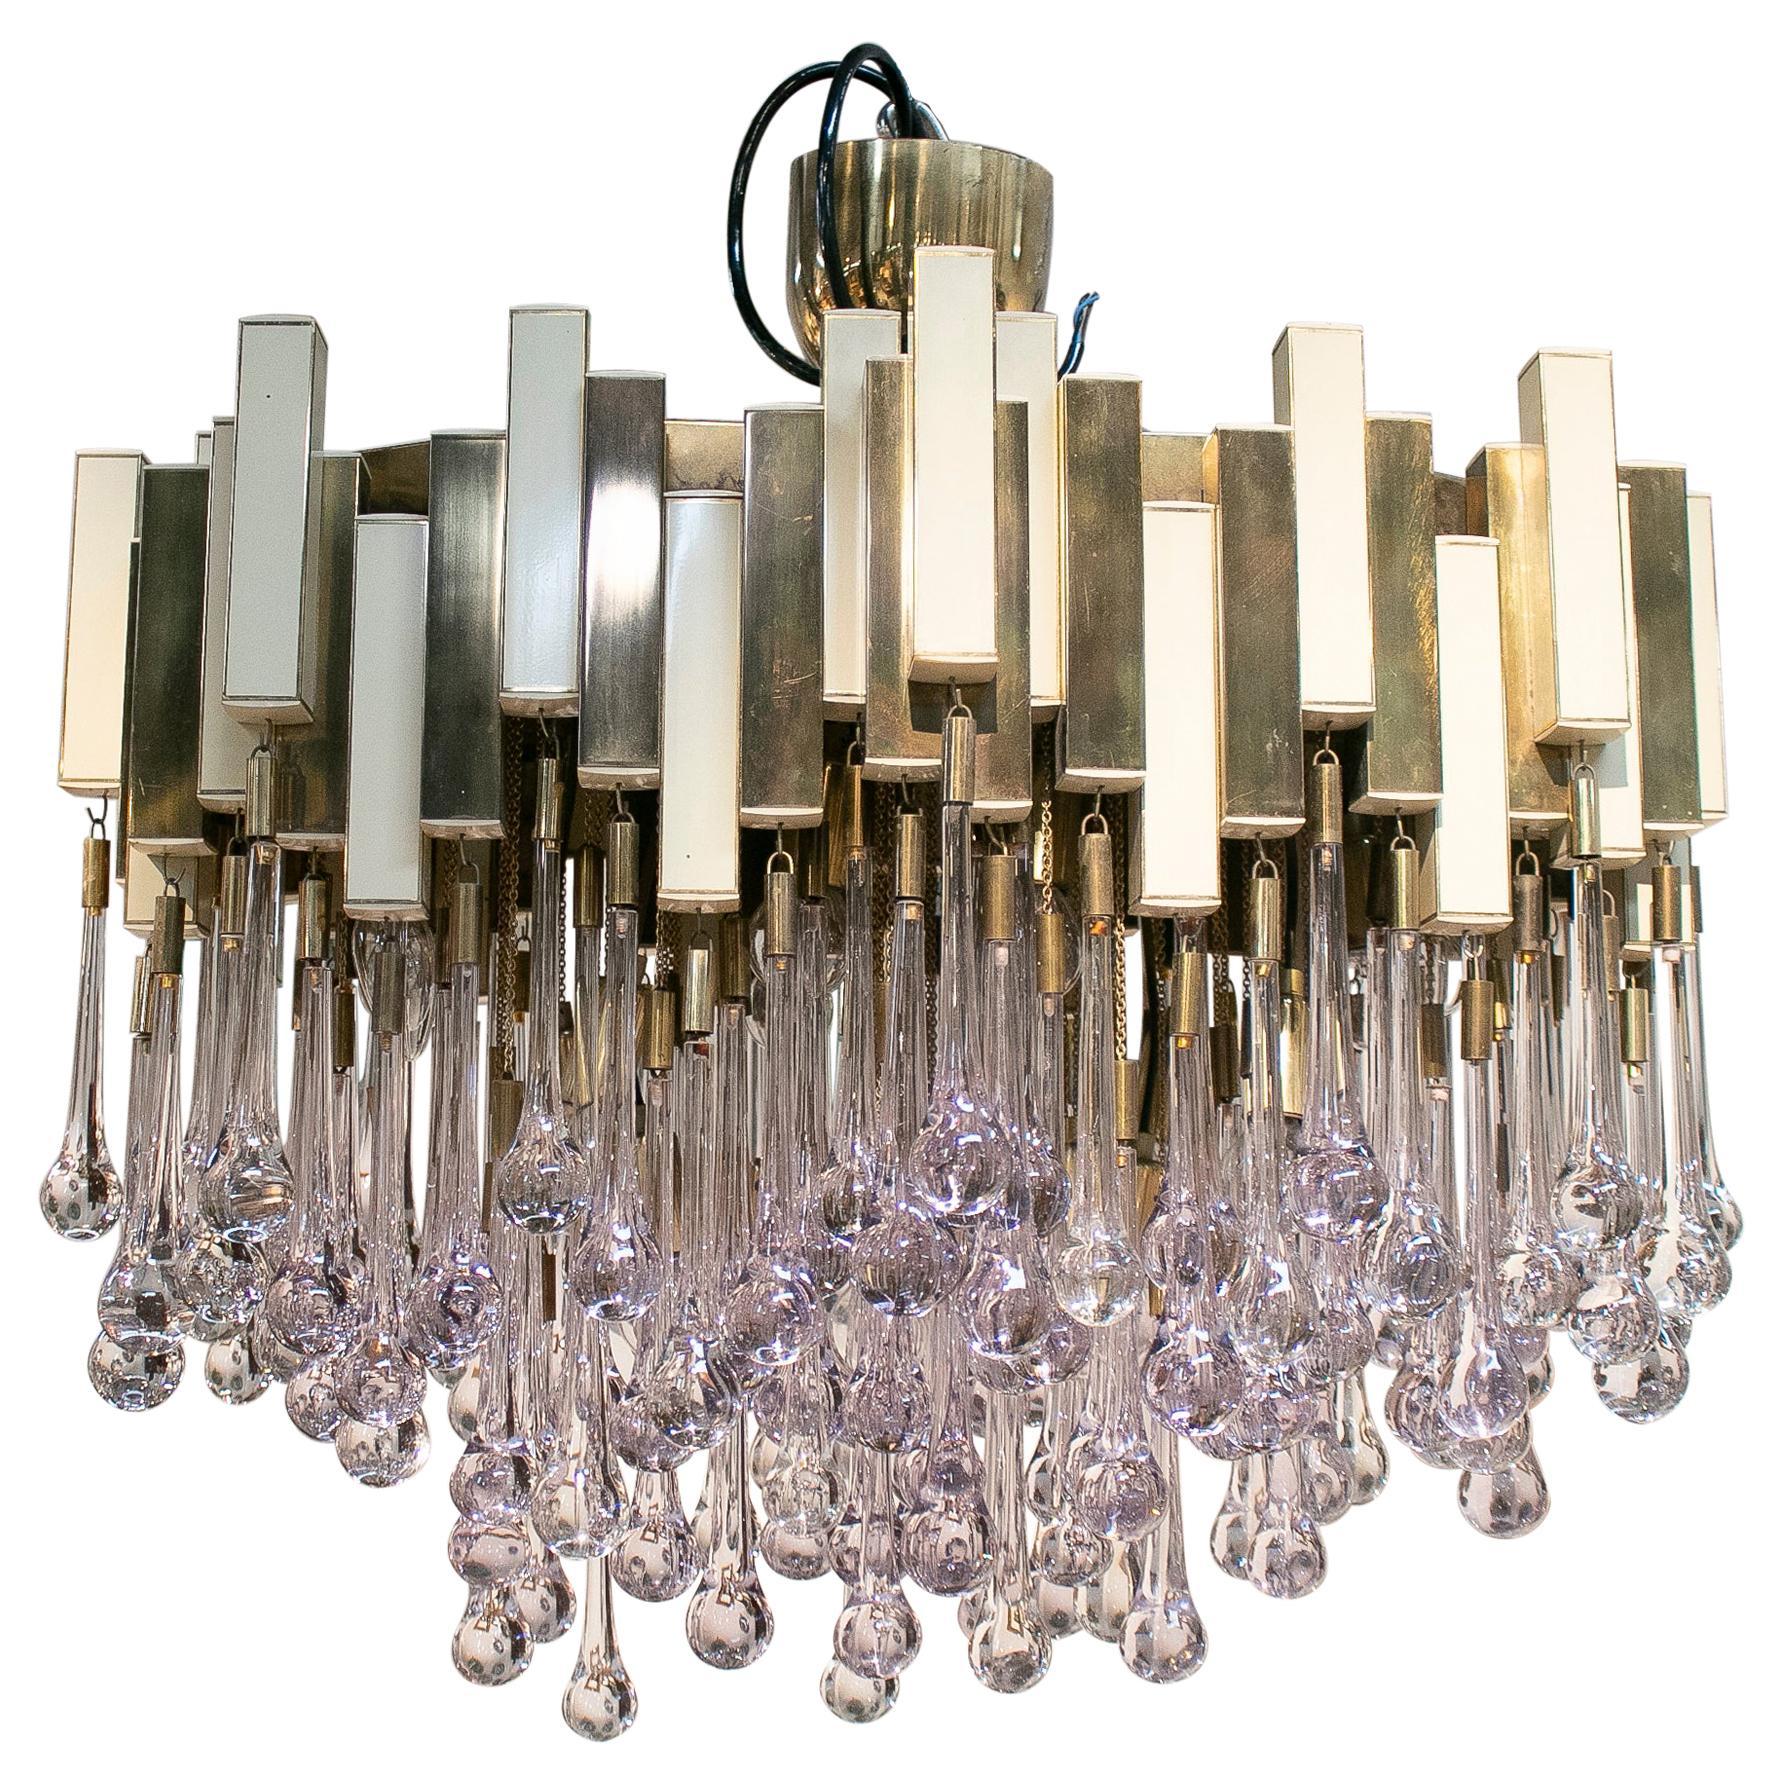 1970s Willy Rizzo Italian Venetian Murano Glass Bronze Ceiling Lamp